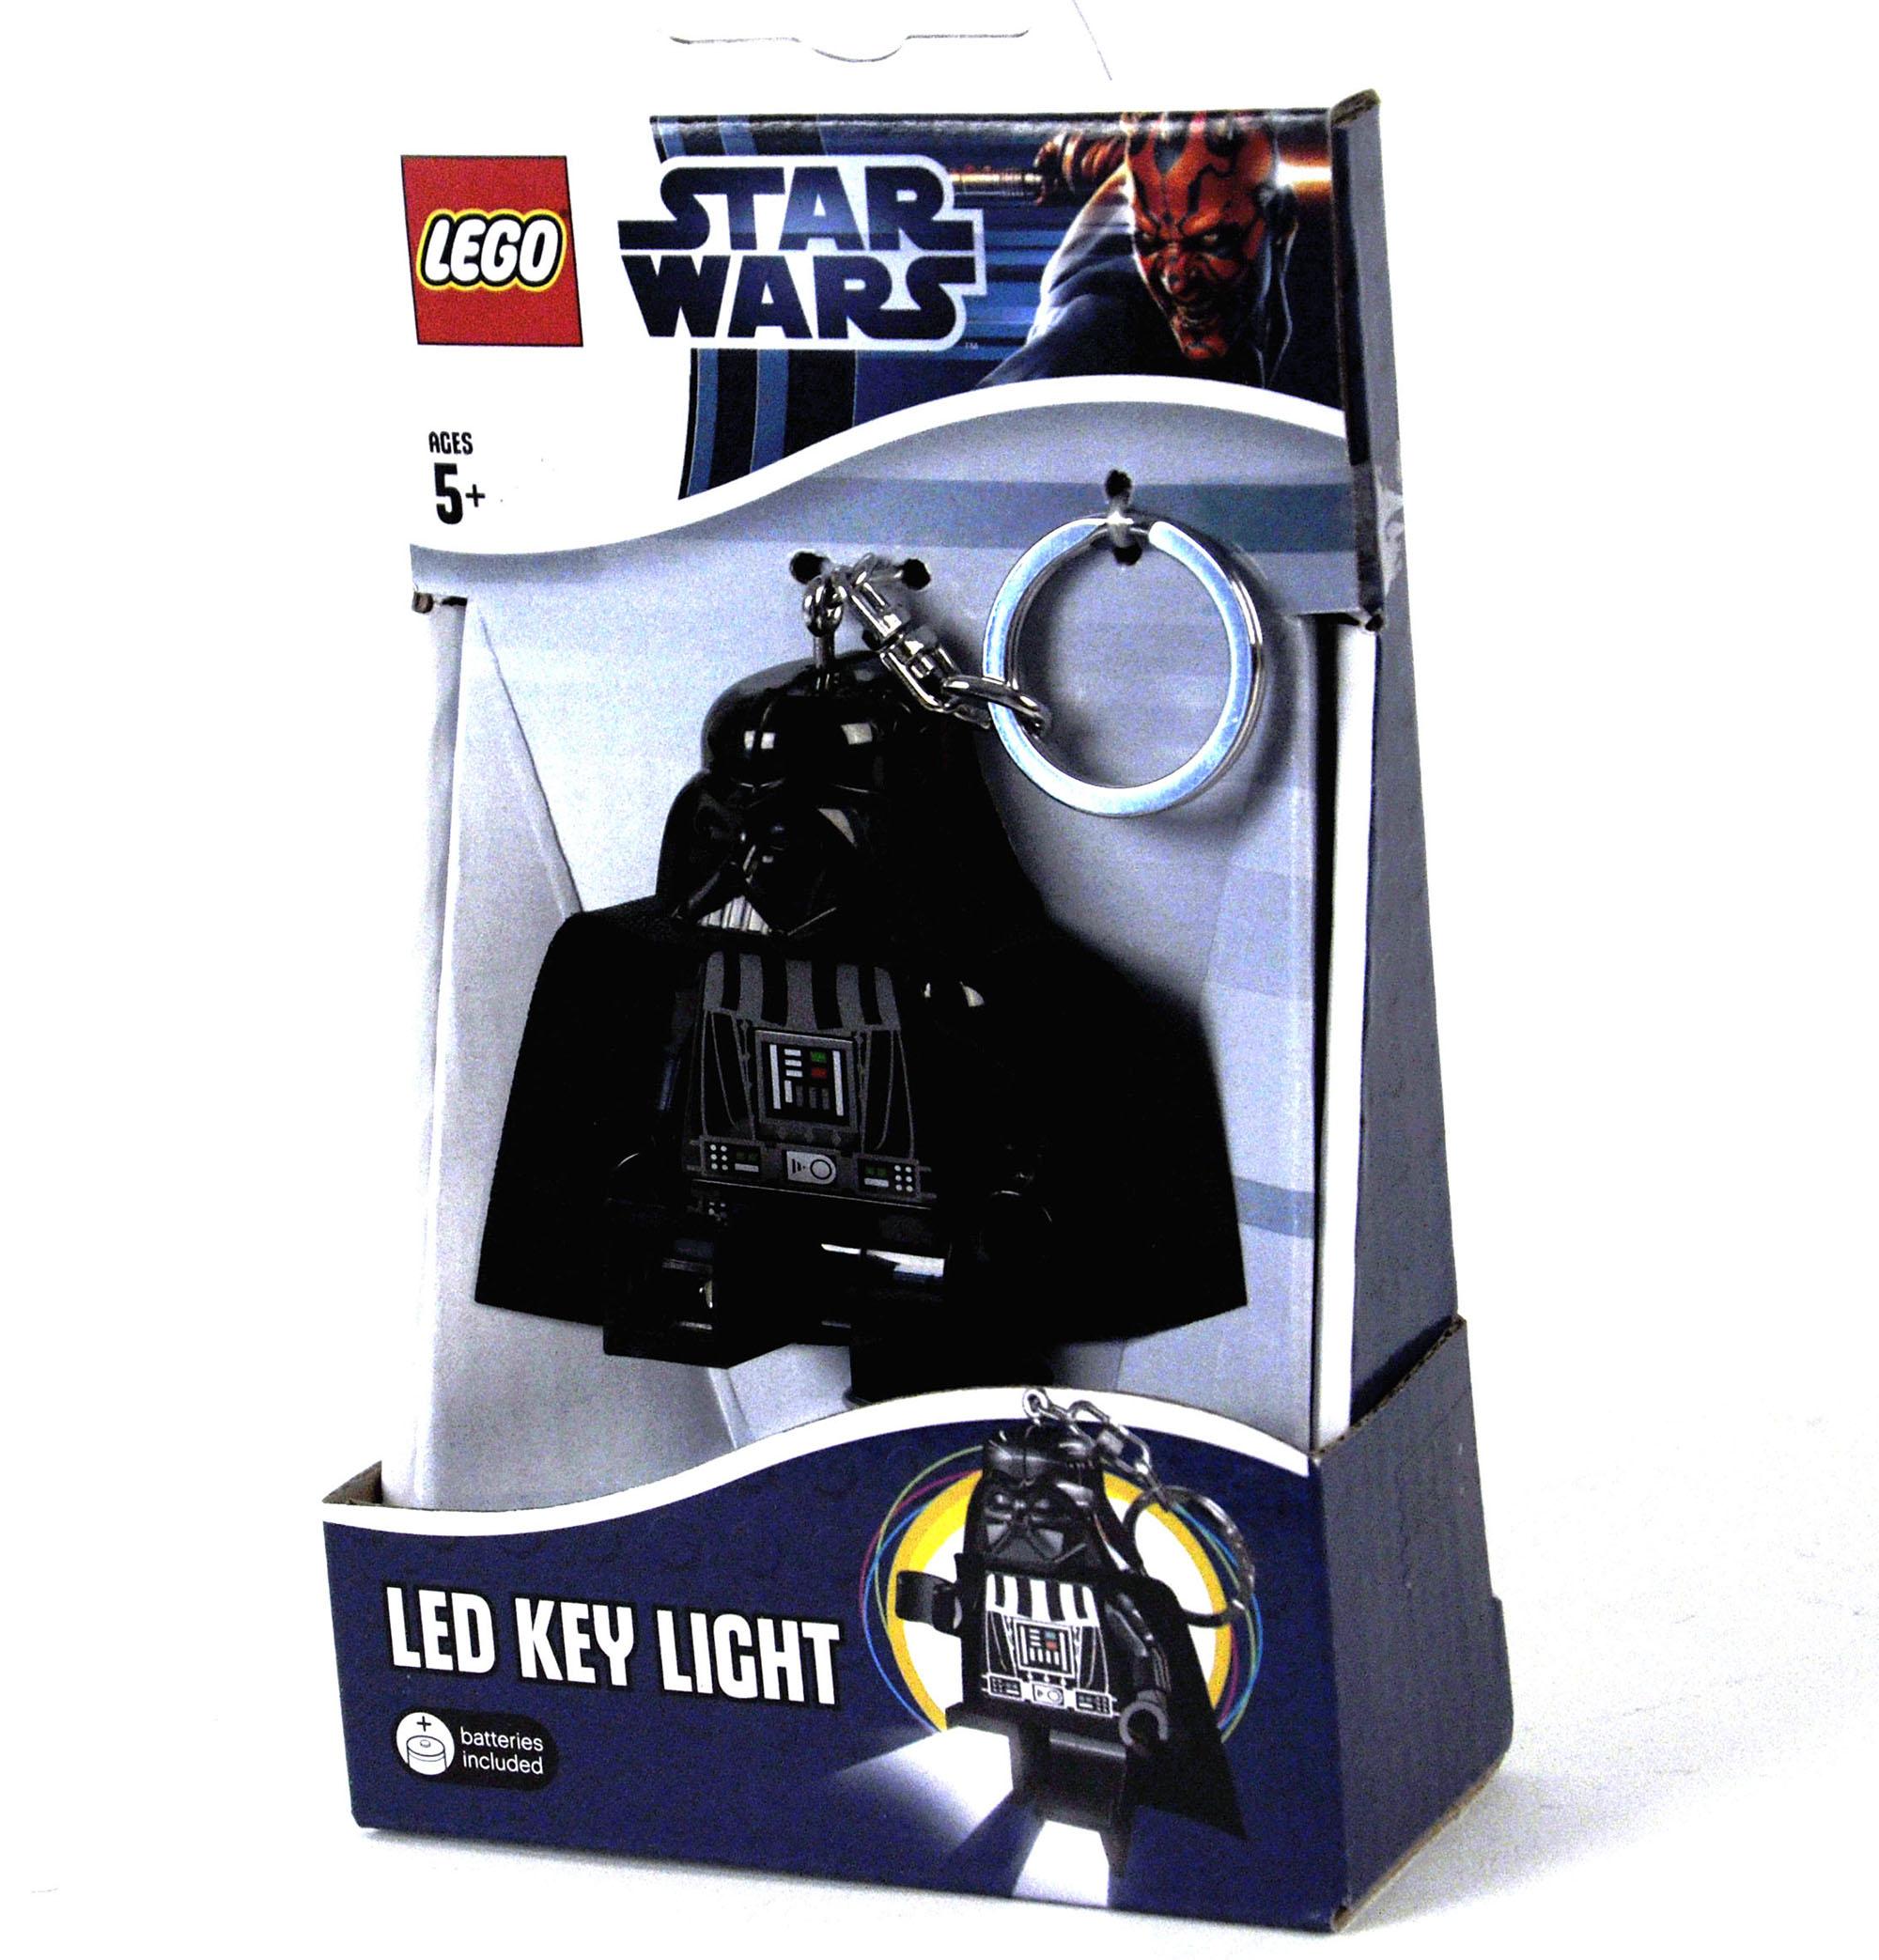 Star Wars Darth Vader Lego Keyring 4895028507411 | eBay